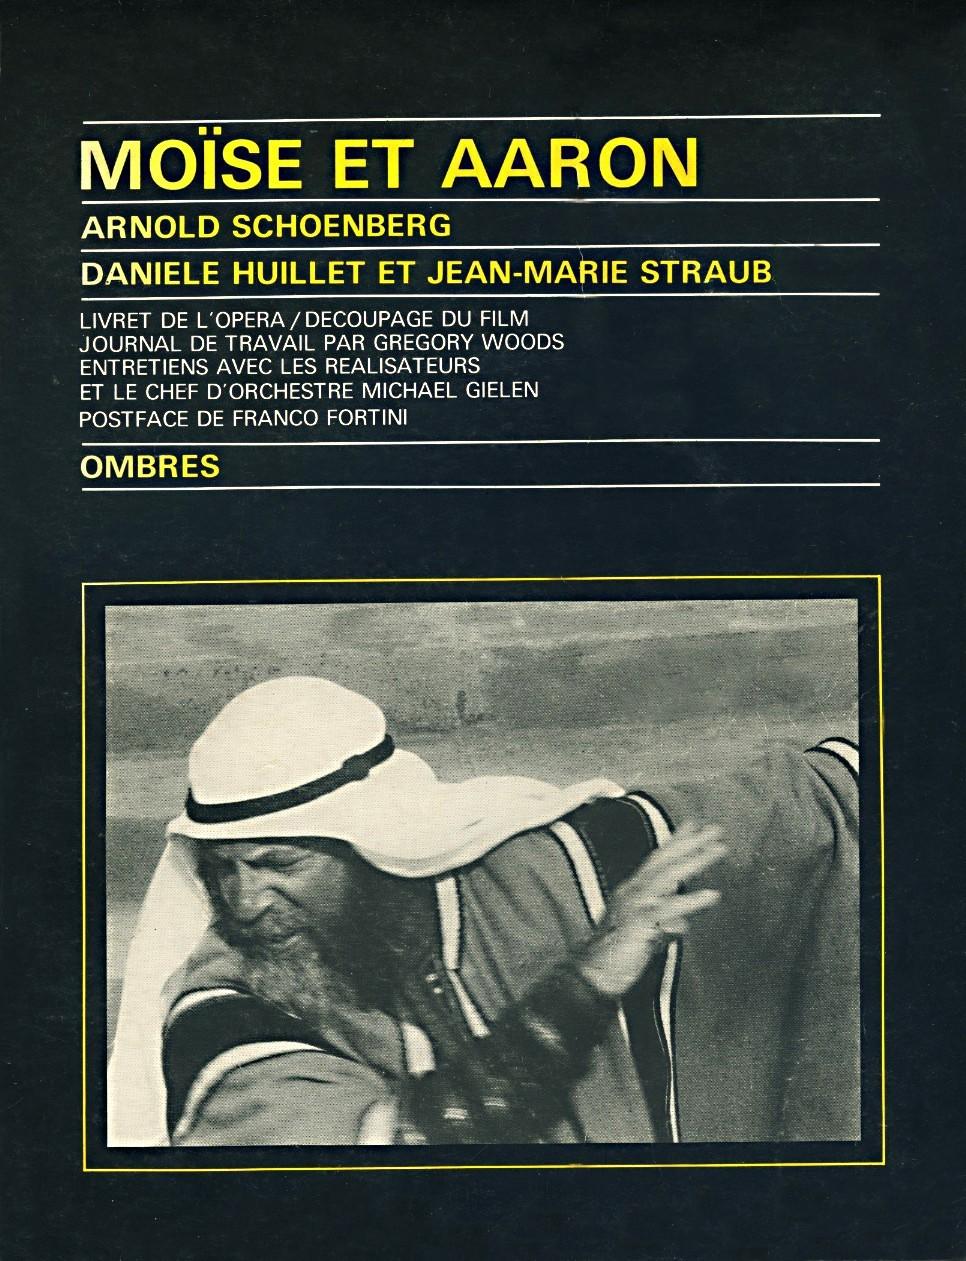 Moi¦ése-Ombres-1.jpg